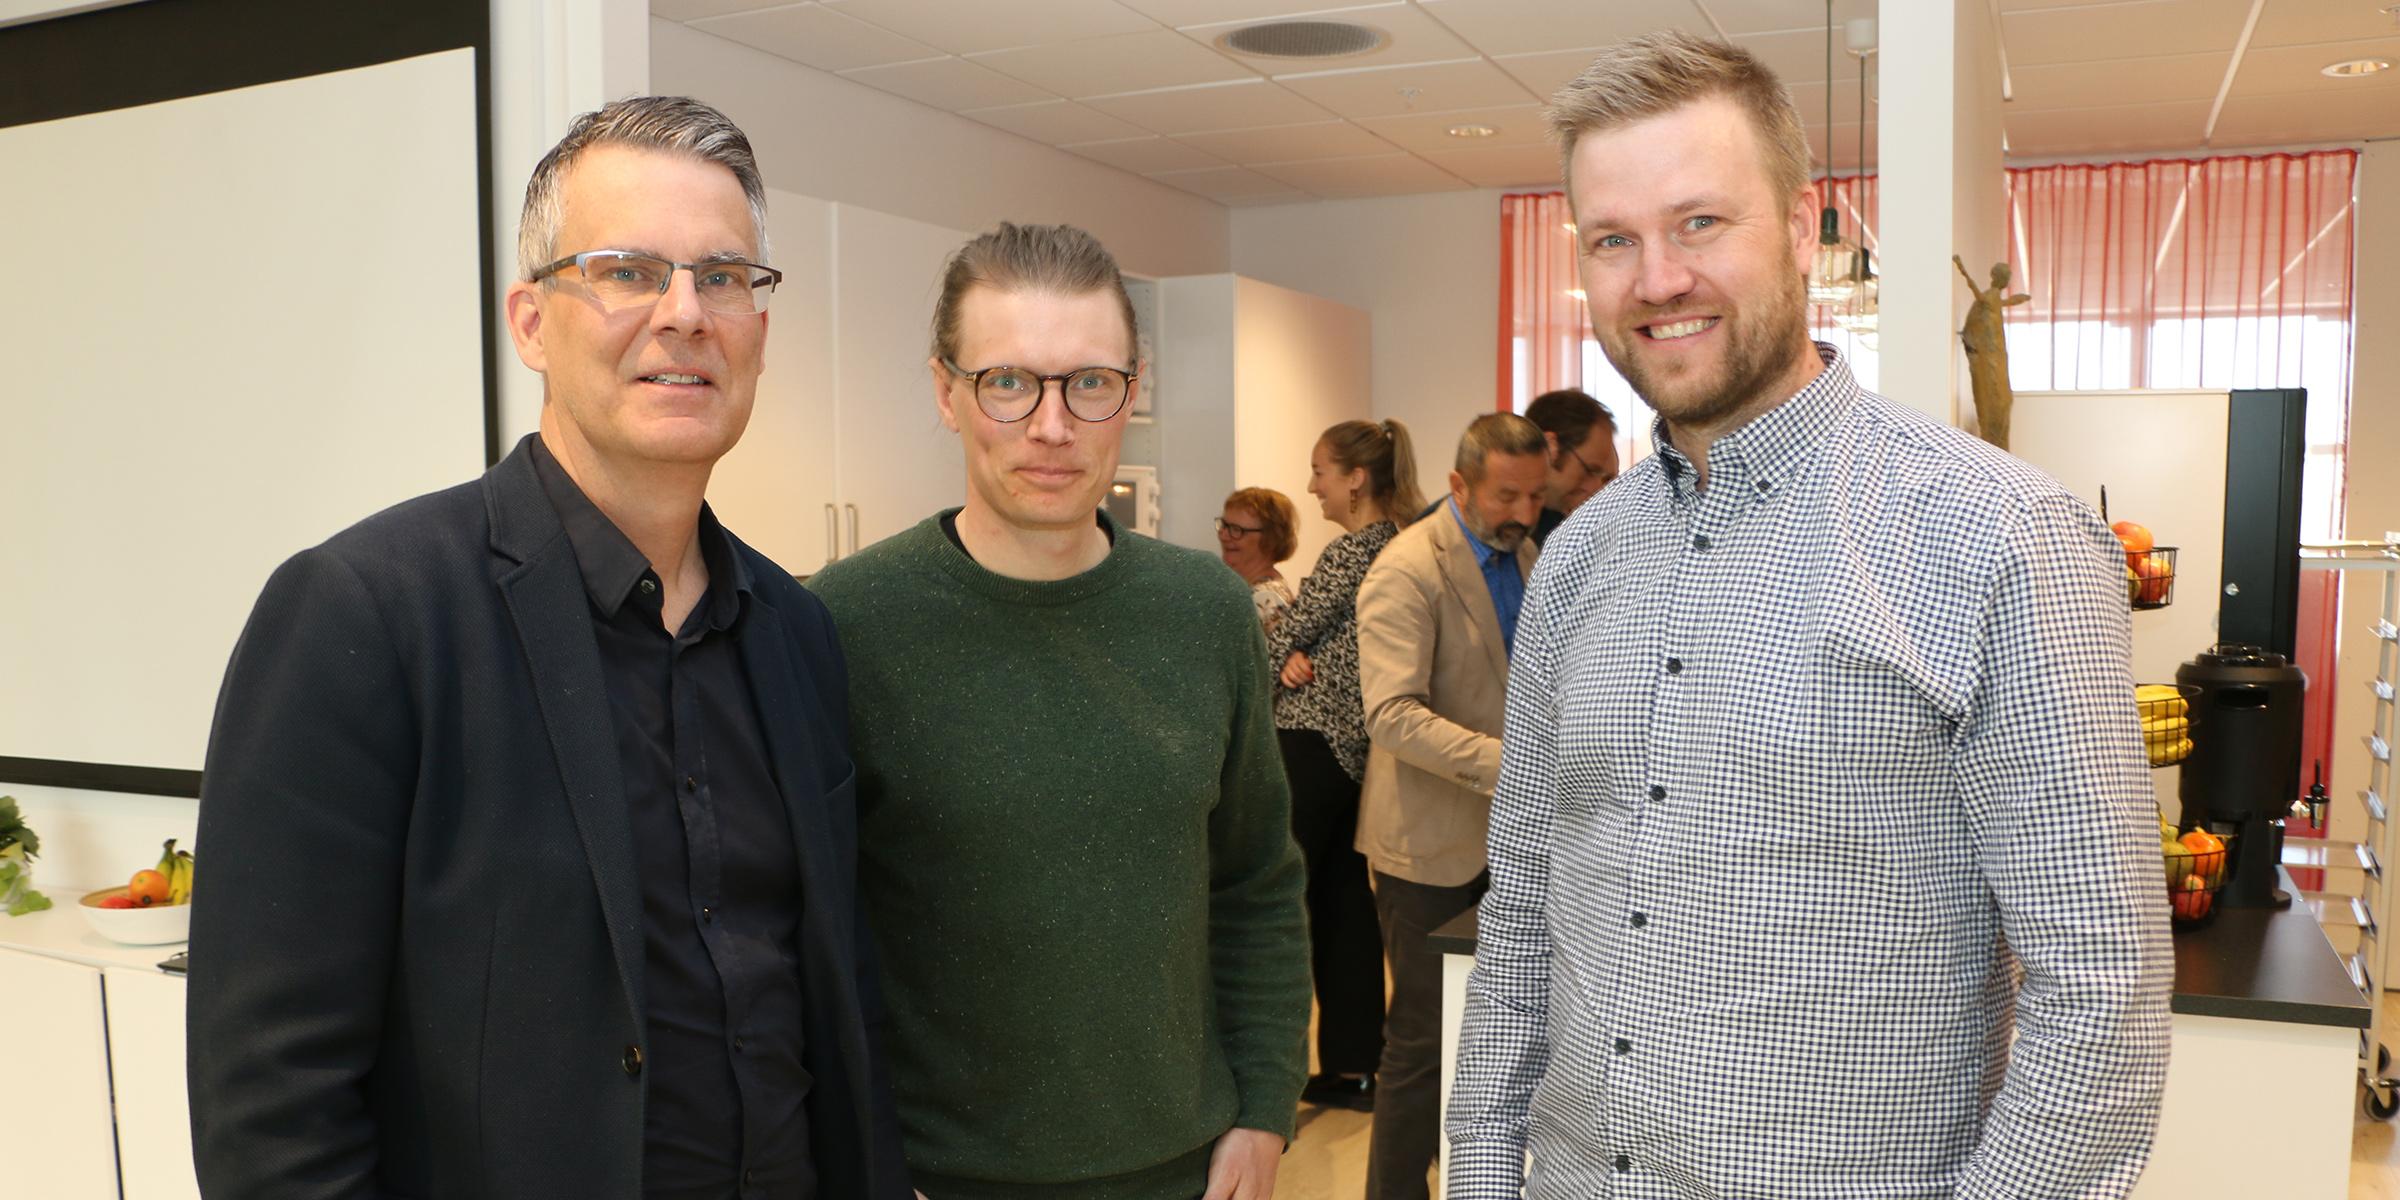 Magnus Jutterström, Simon Johansson och Petter Lindgren ingår i det team hos Sogeti som med artificiell teknik byggt en lösning som upptäcker angrepp av granbarkborren.